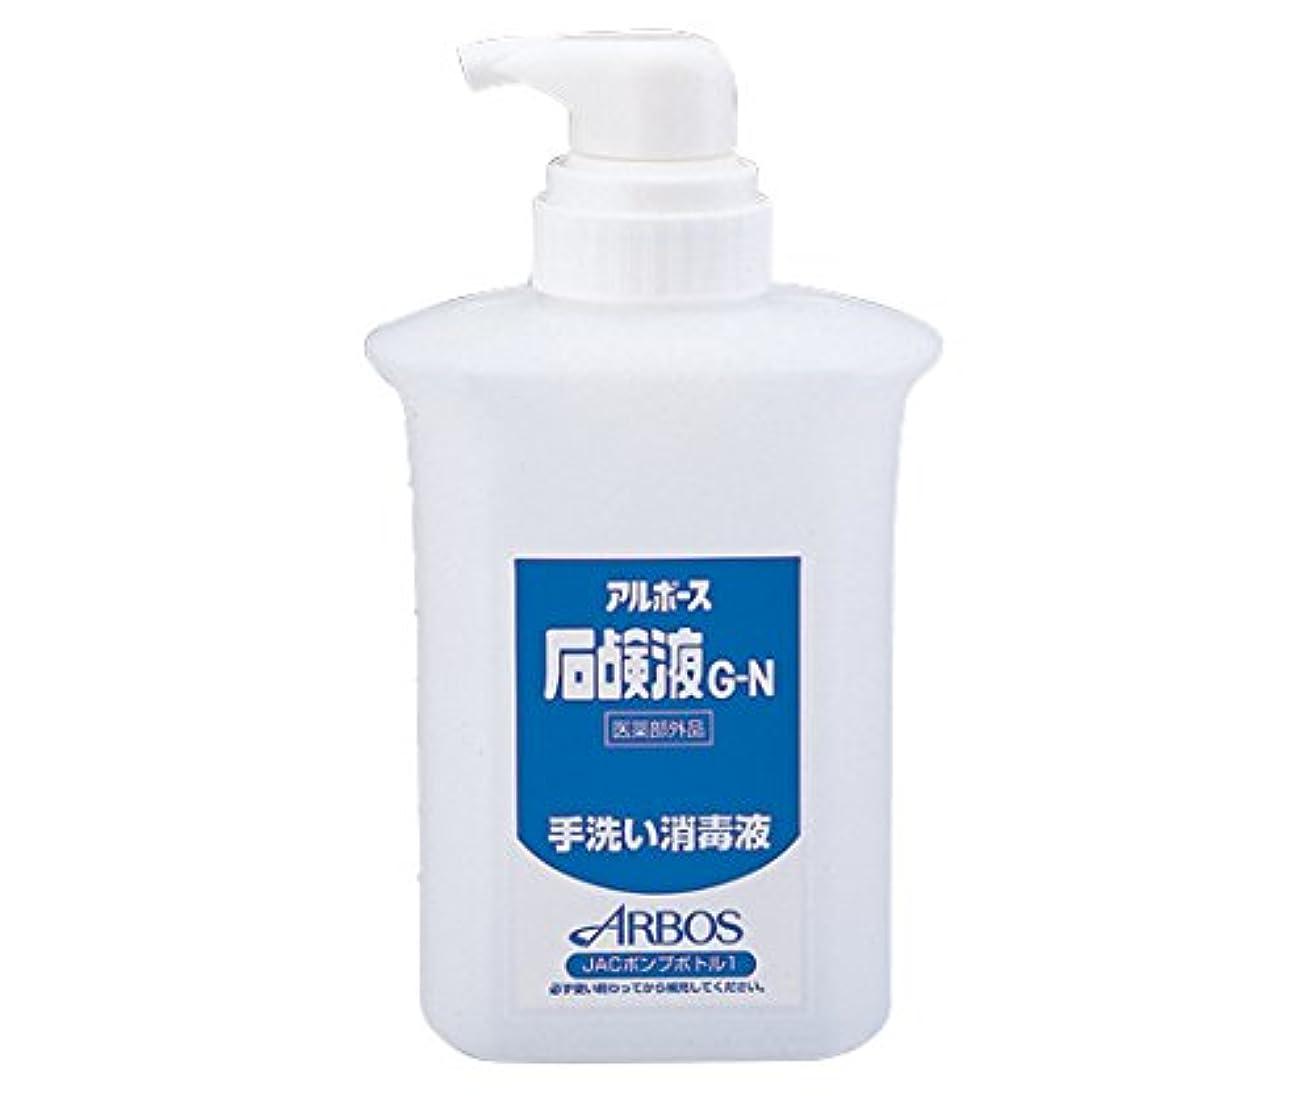 対付ける収束アルボースiG-N用ポンプボトル 1000mL